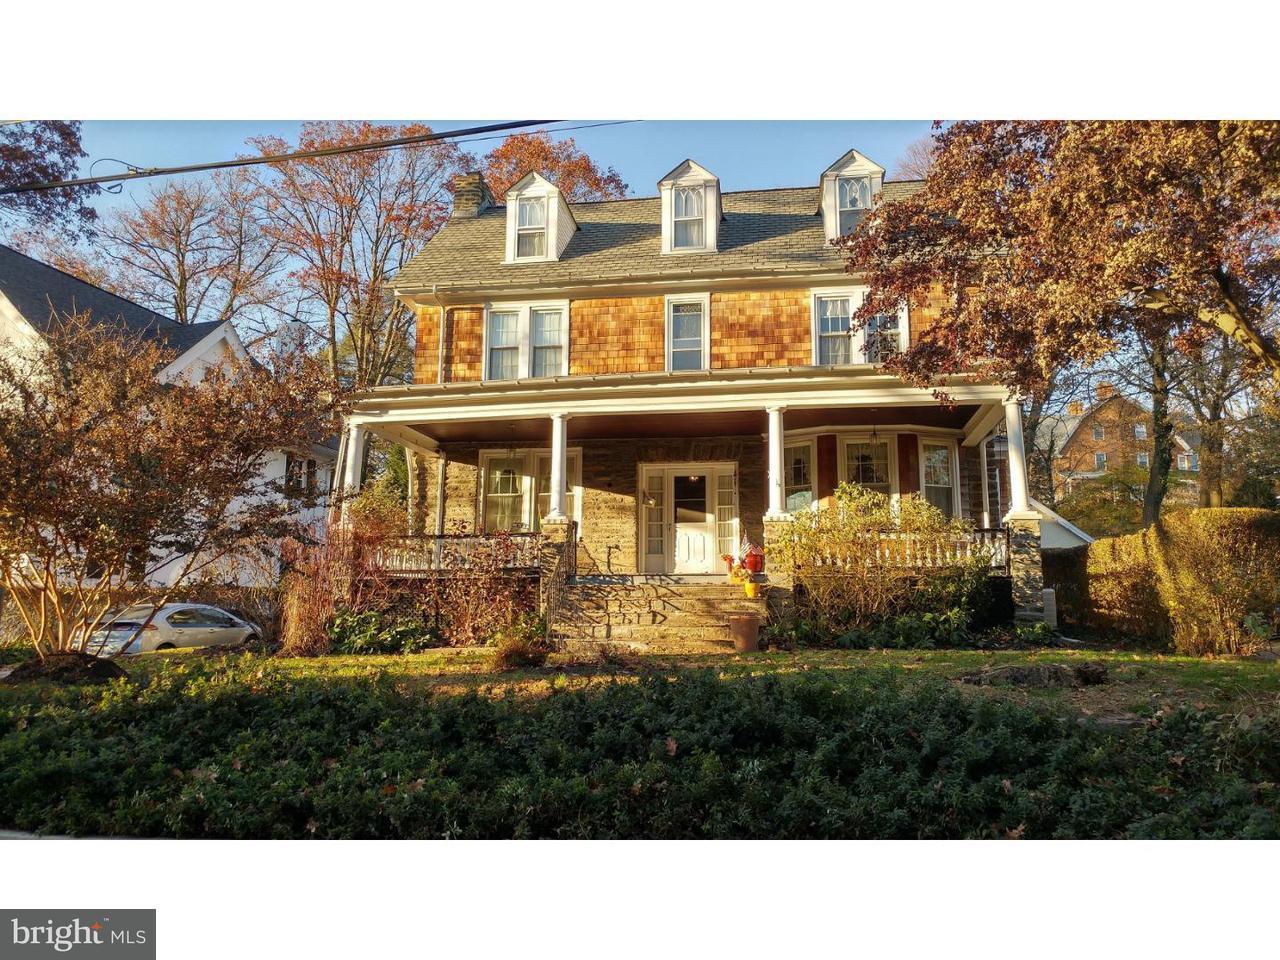 Частный односемейный дом для того Продажа на 235 MATHER Road Jenkintown, Пенсильвания 19046 Соединенные Штаты